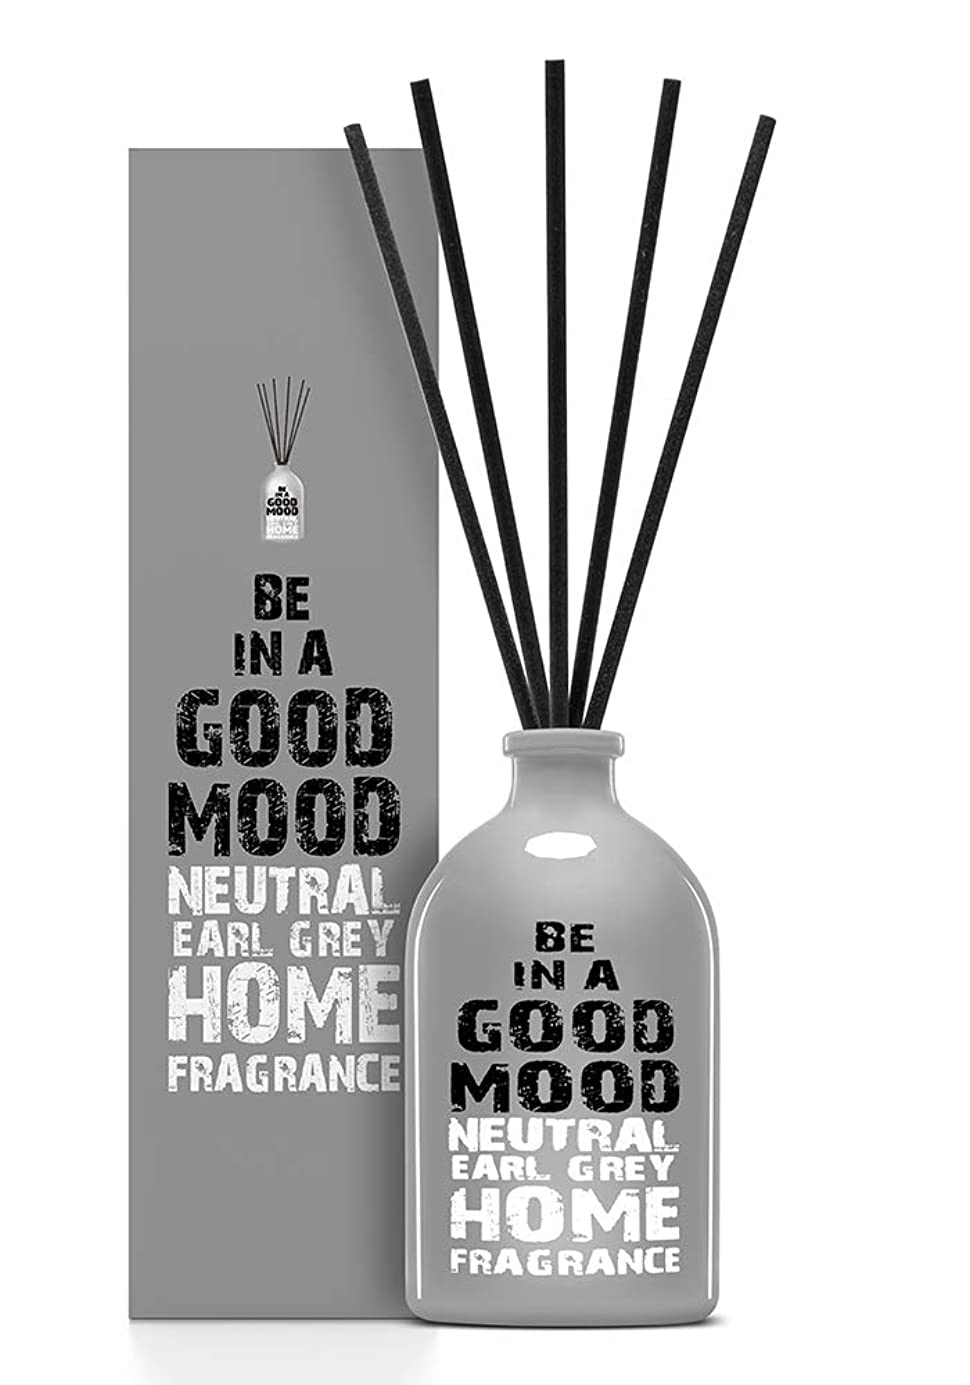 れる生き物失うBE IN A GOOD MOOD ルームフレグランス スティック タイプ EARL GREYの香り (100ml)